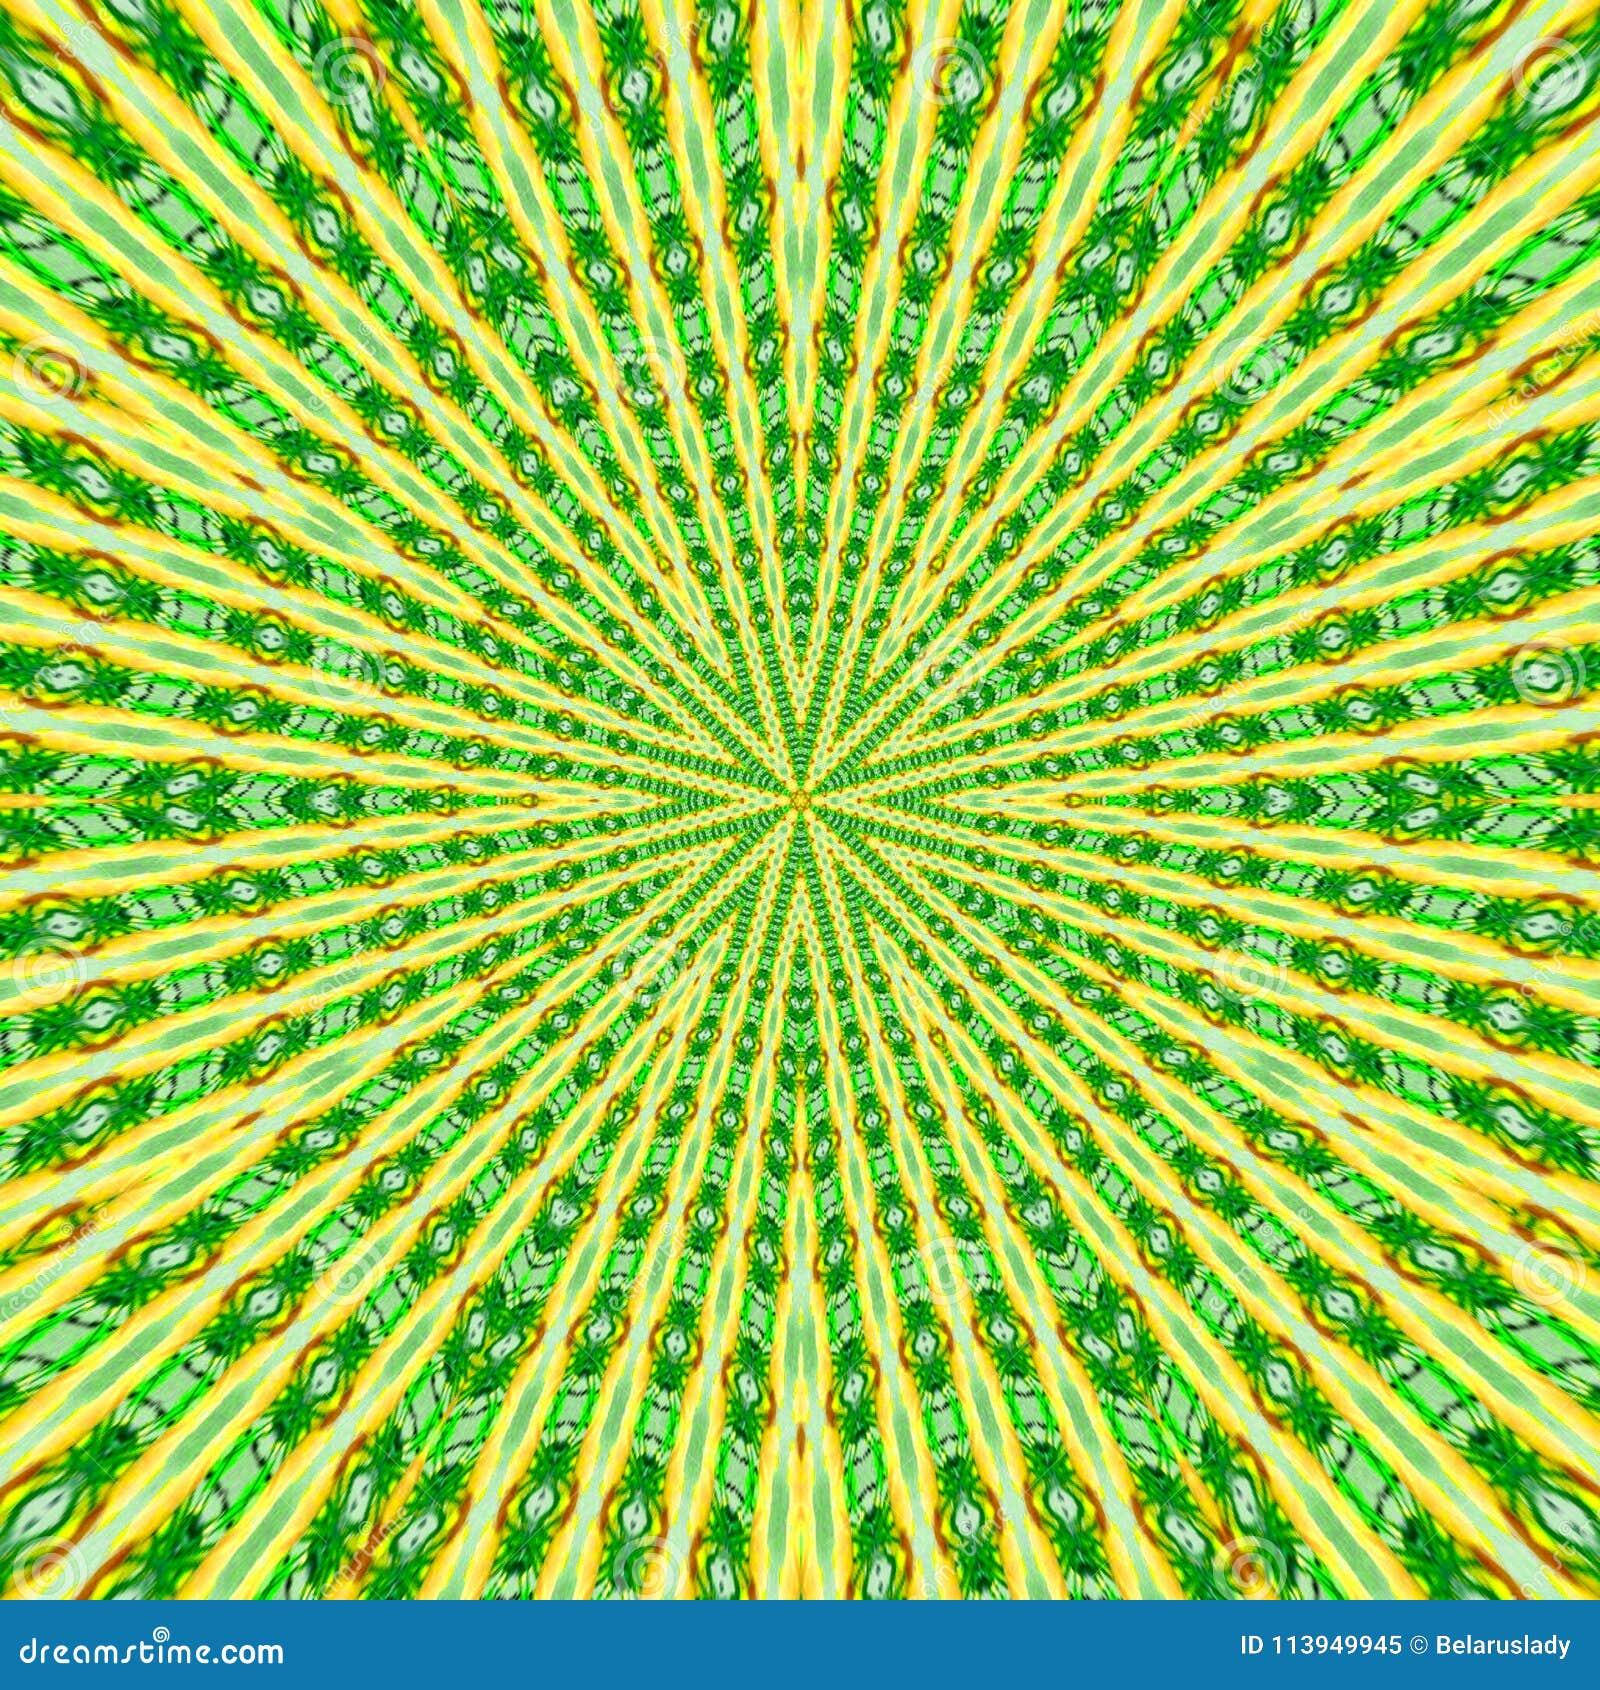 Modèle circulaire dans le style grunge et les couleurs vertes modèle rayé